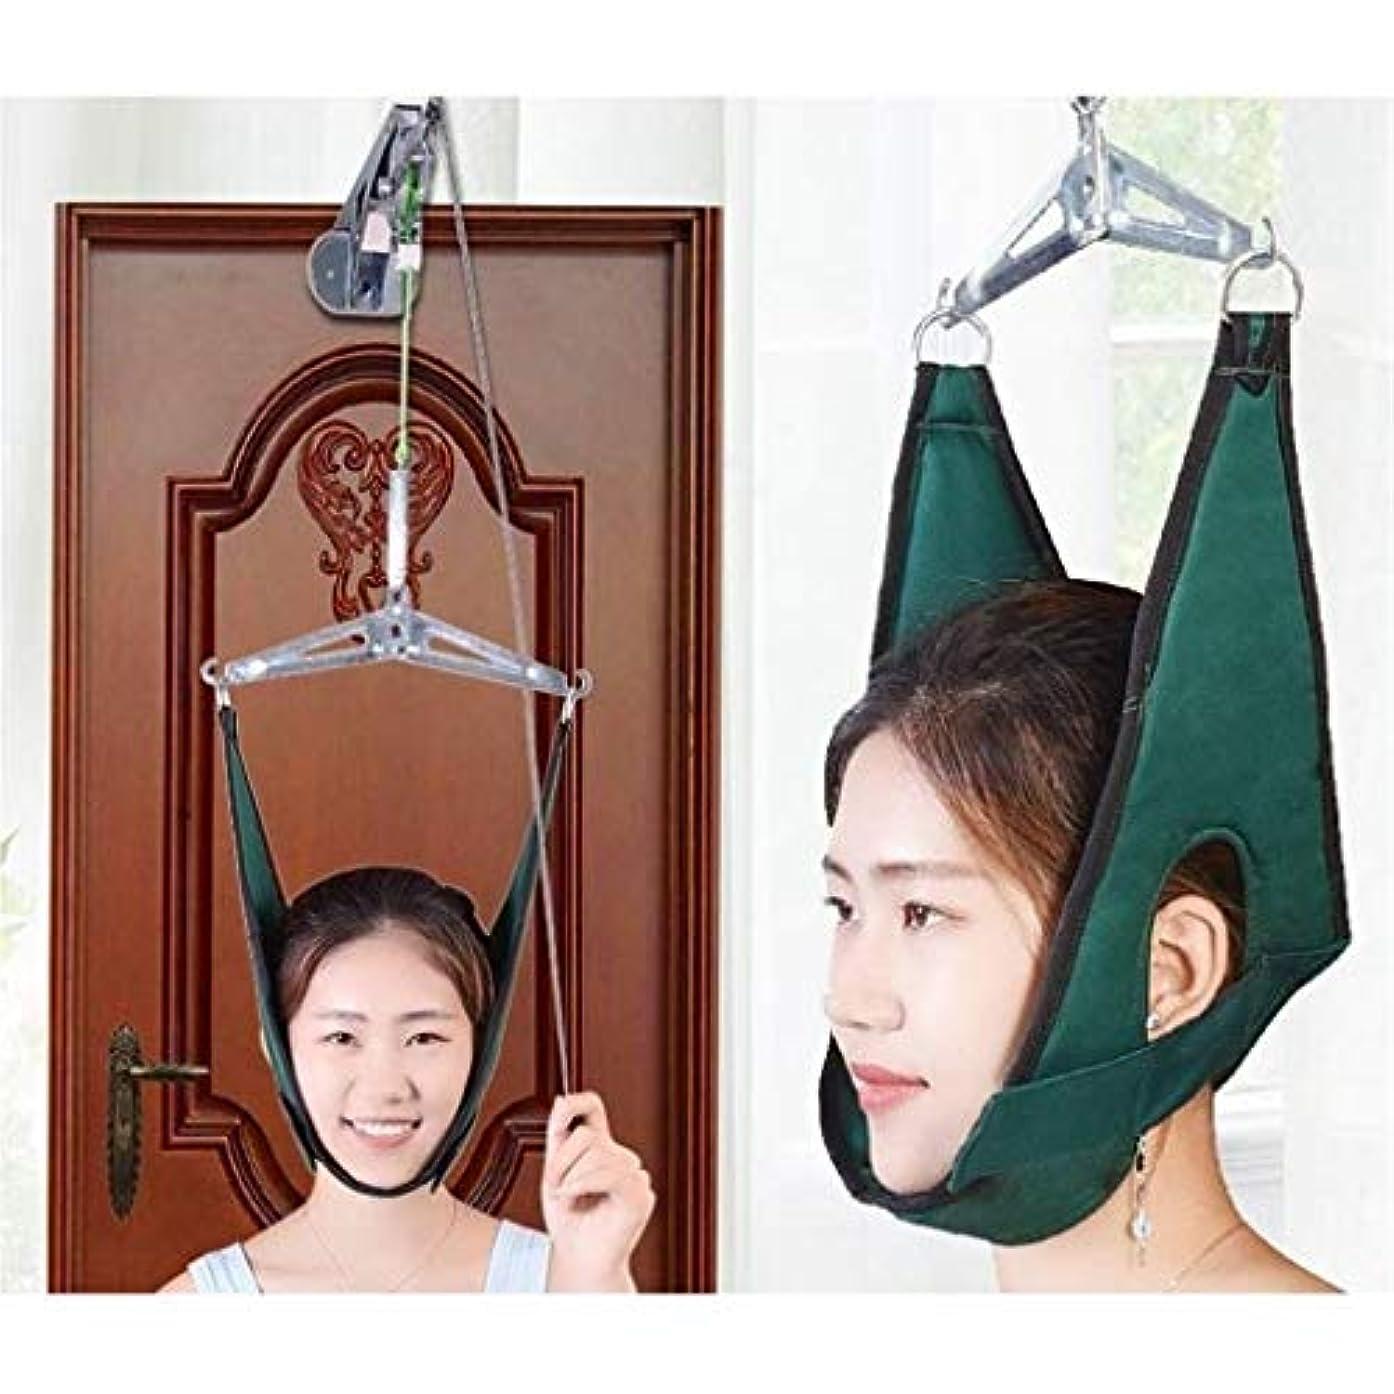 サージ不良品広げる頸部牽引装置、頸部頸部牽引装置、首マッサージ器、治療器具、歯列矯正用首の痛みの緩和